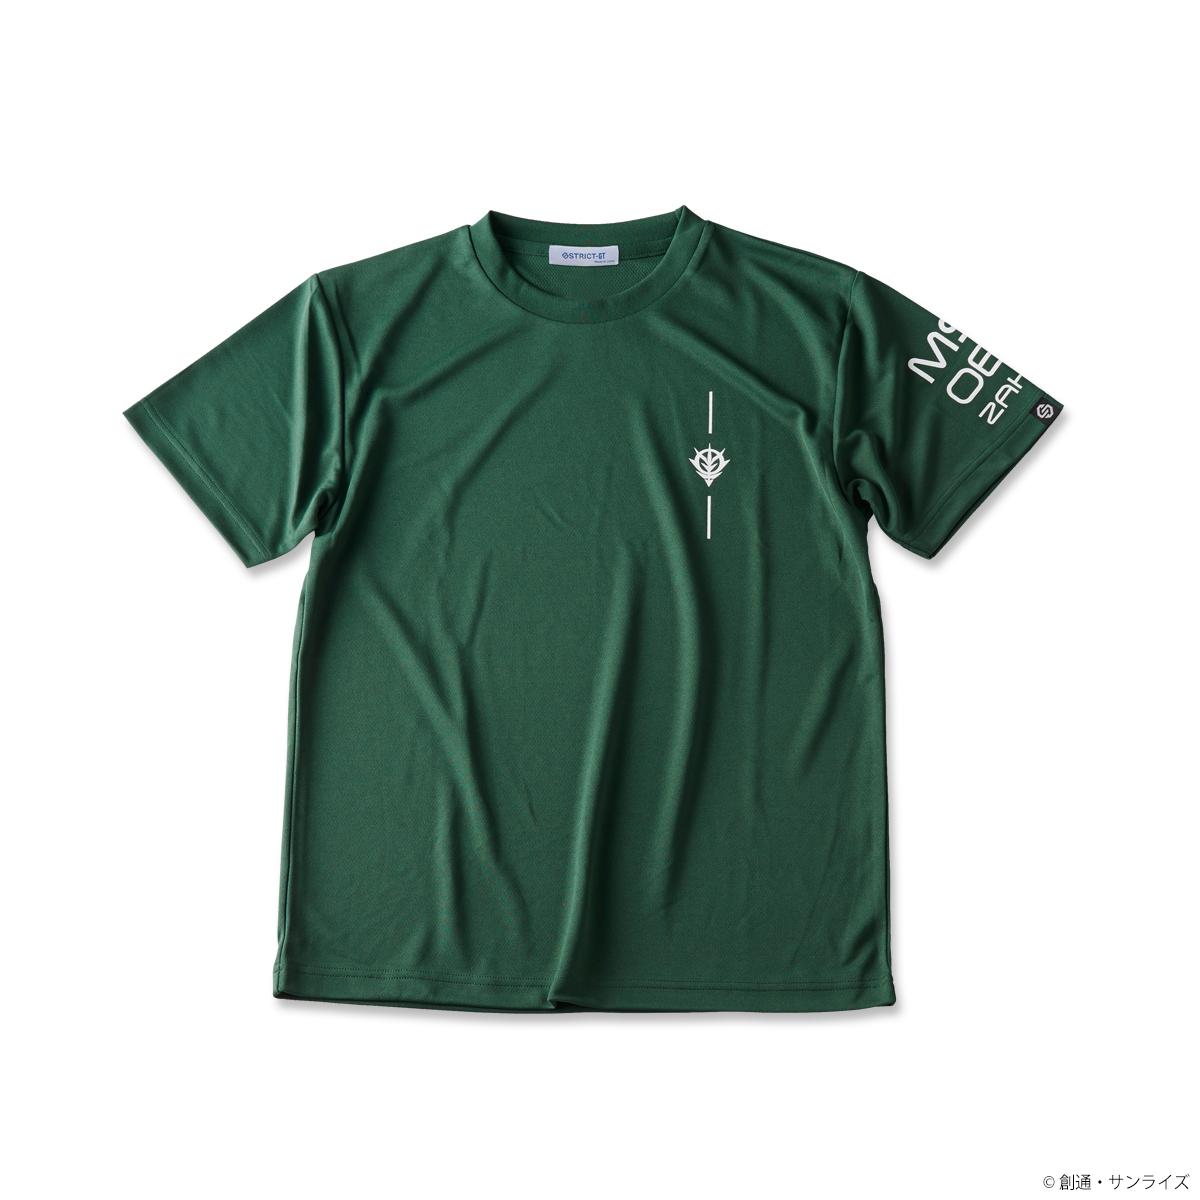 『機動戦士ガンダム』ドライTシャツ ザクII柄